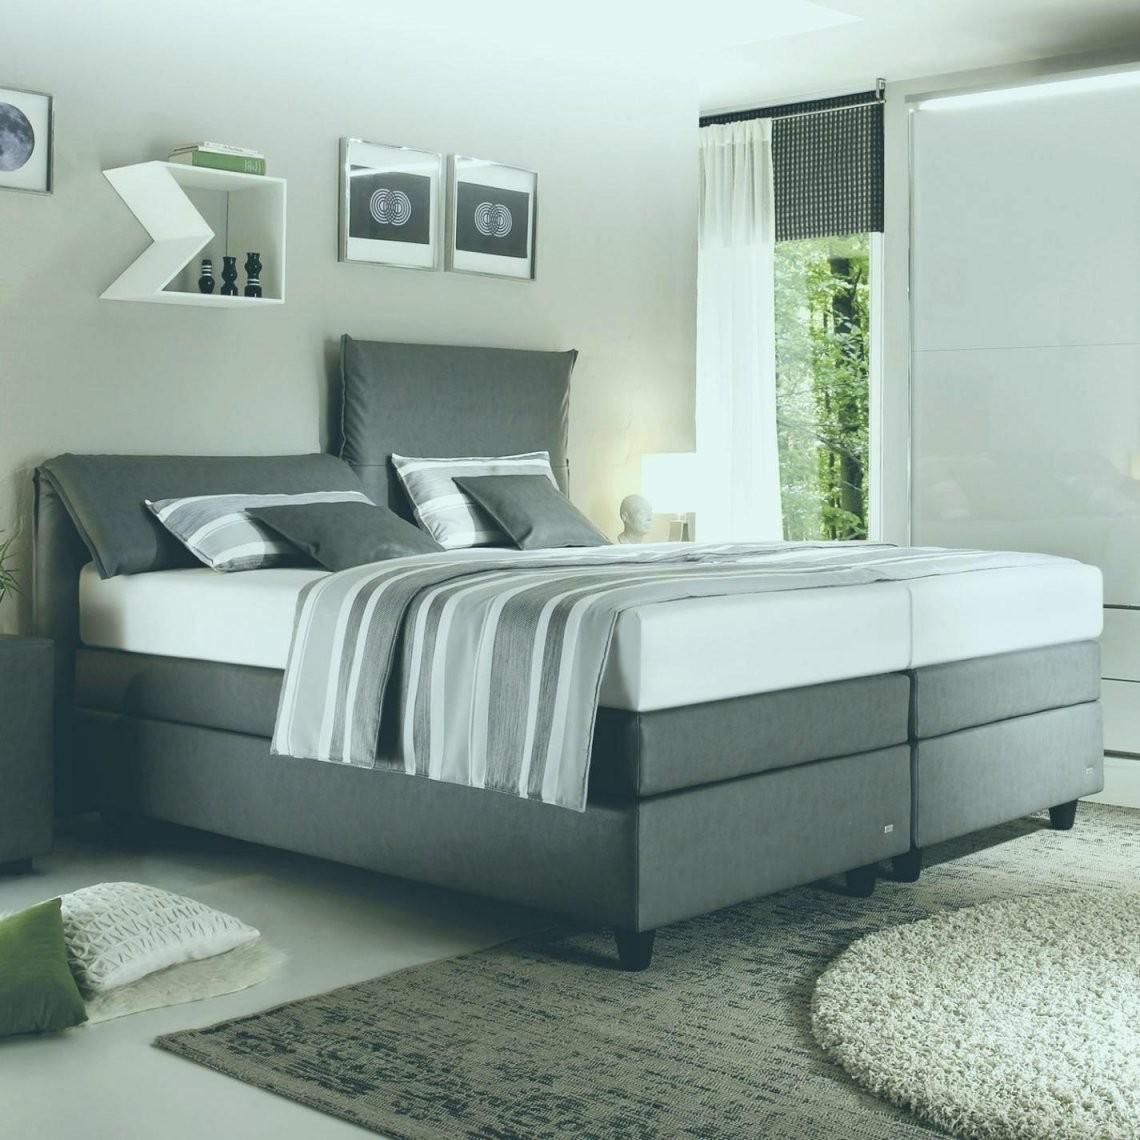 Ruf Betten Günstig Frisch Ruf Betten Casa Design Ruf Betten von Ruf Betten Boxspring Test Bild